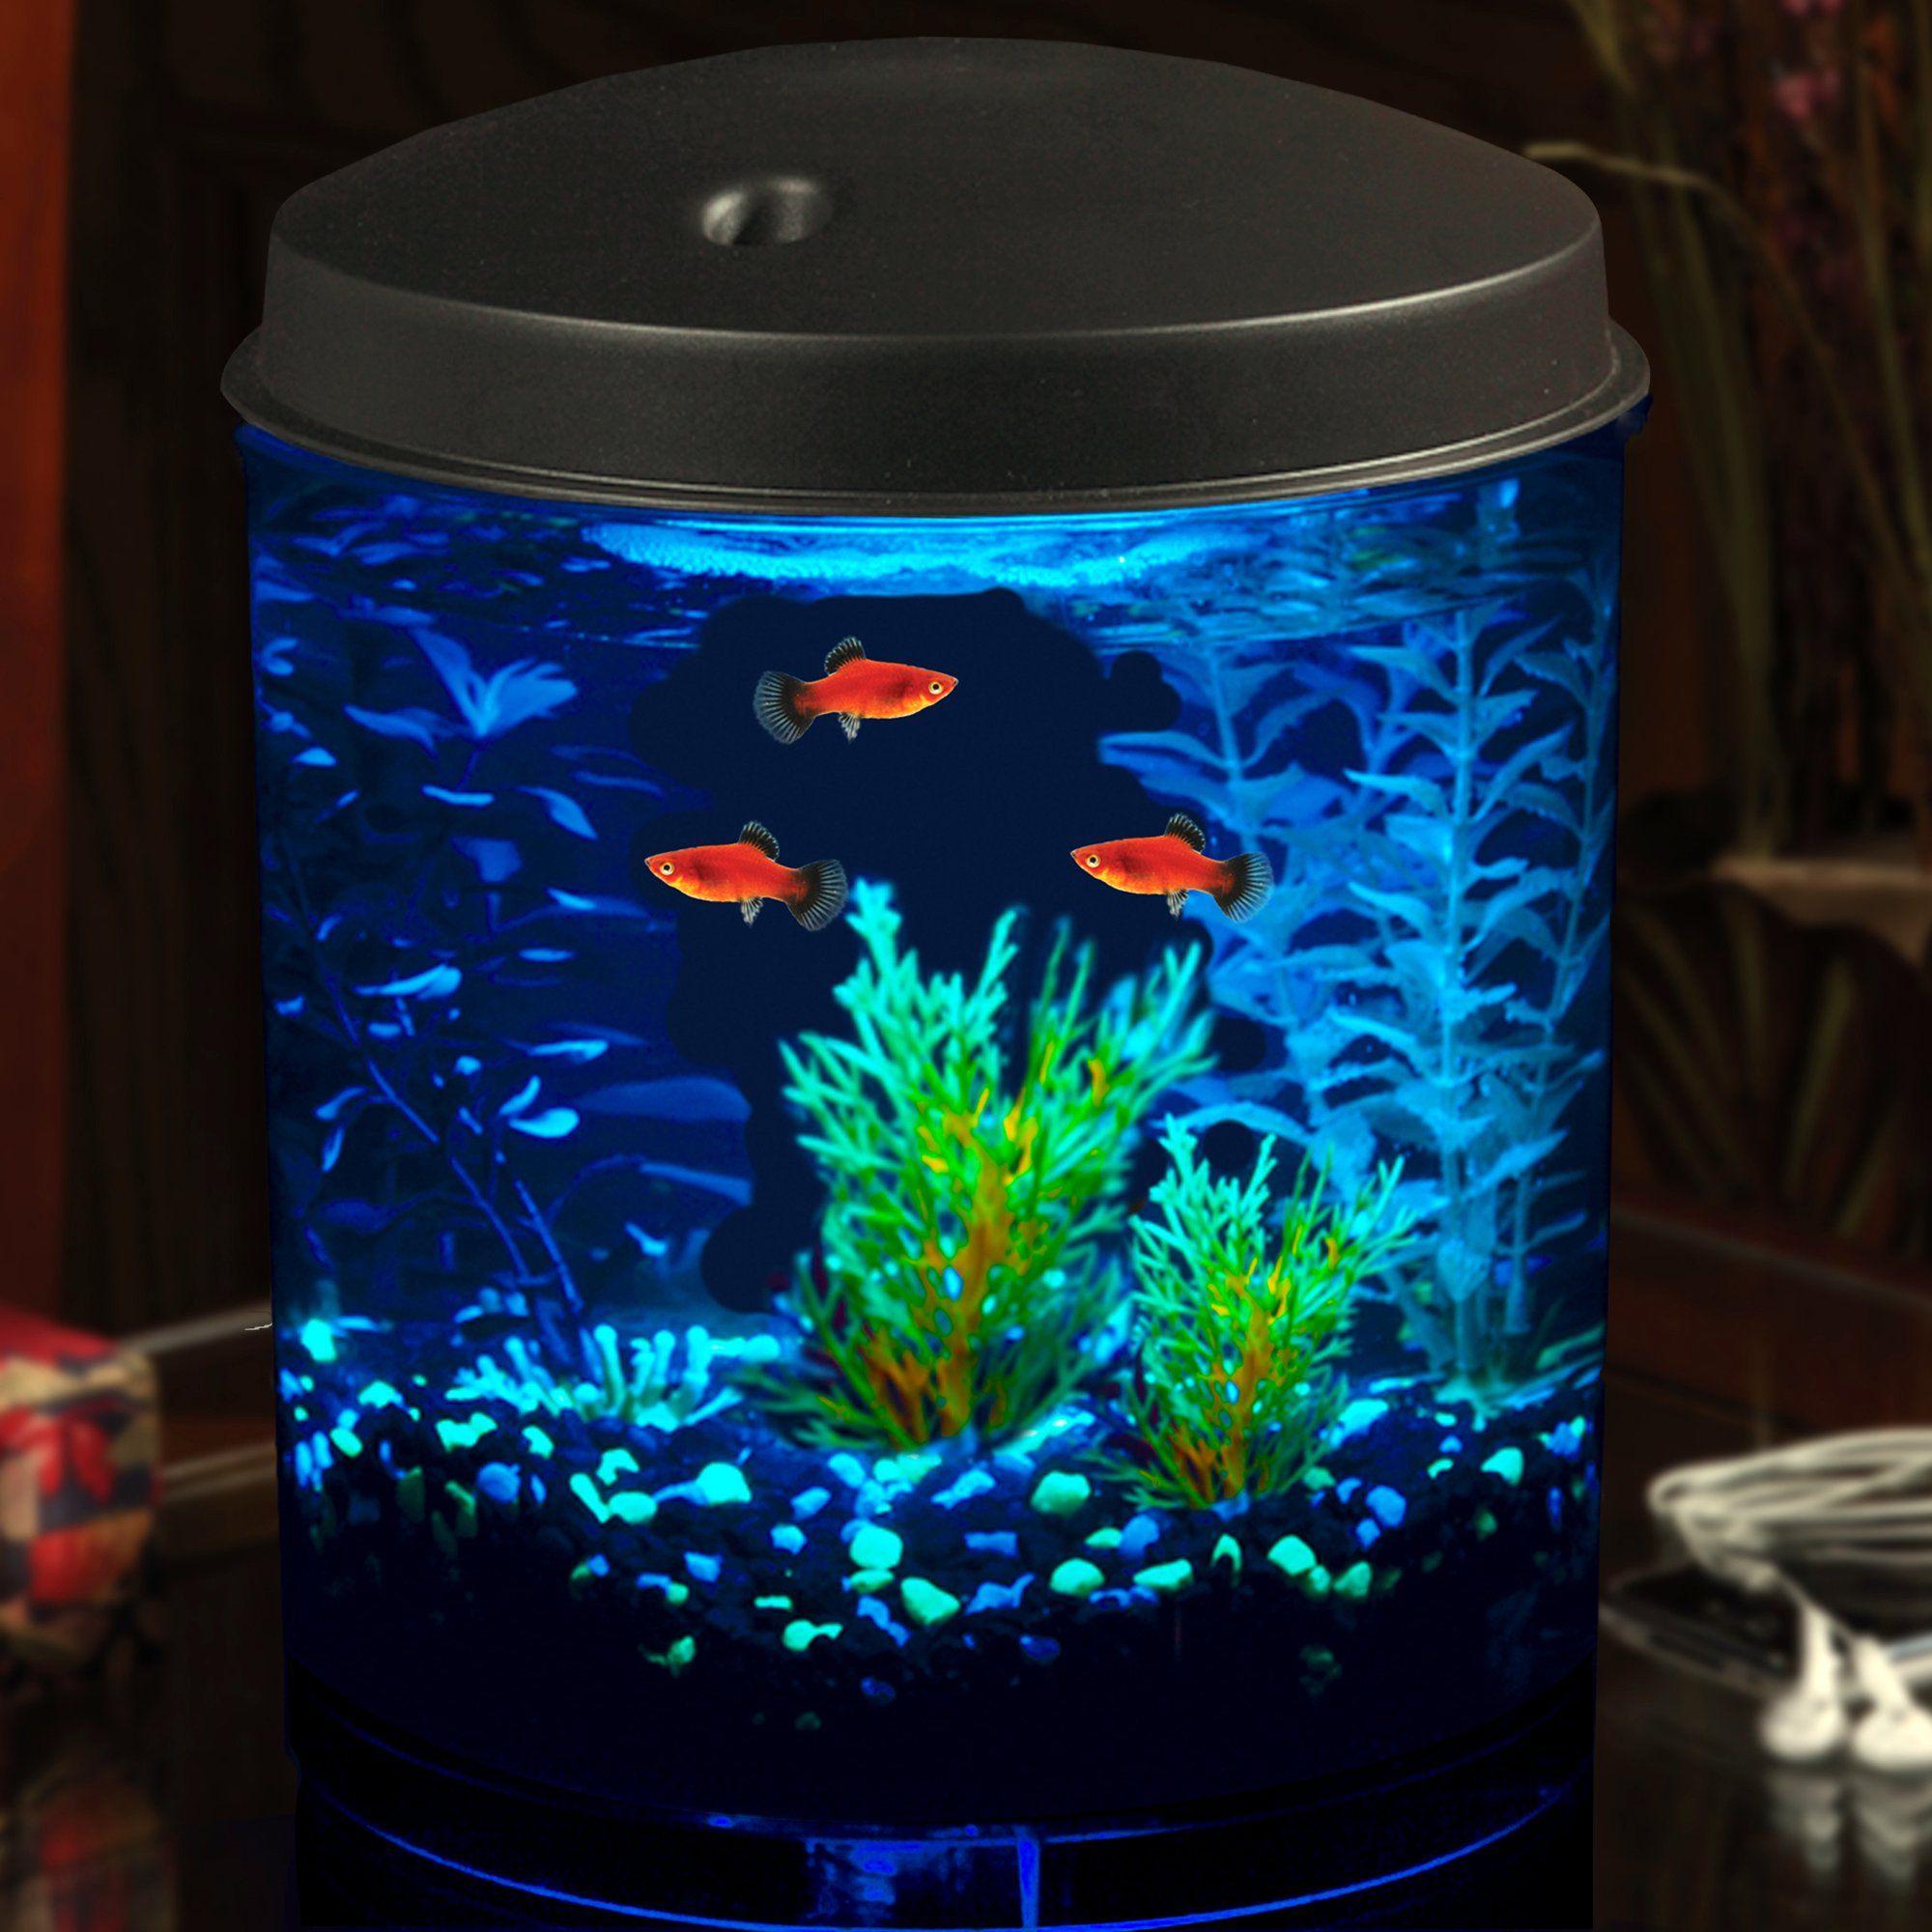 Imagitarium 2 Gallon Cumberland Tank Petco In 2020 Fish Tank Themes Aquarium Fish Led Aquarium Lighting